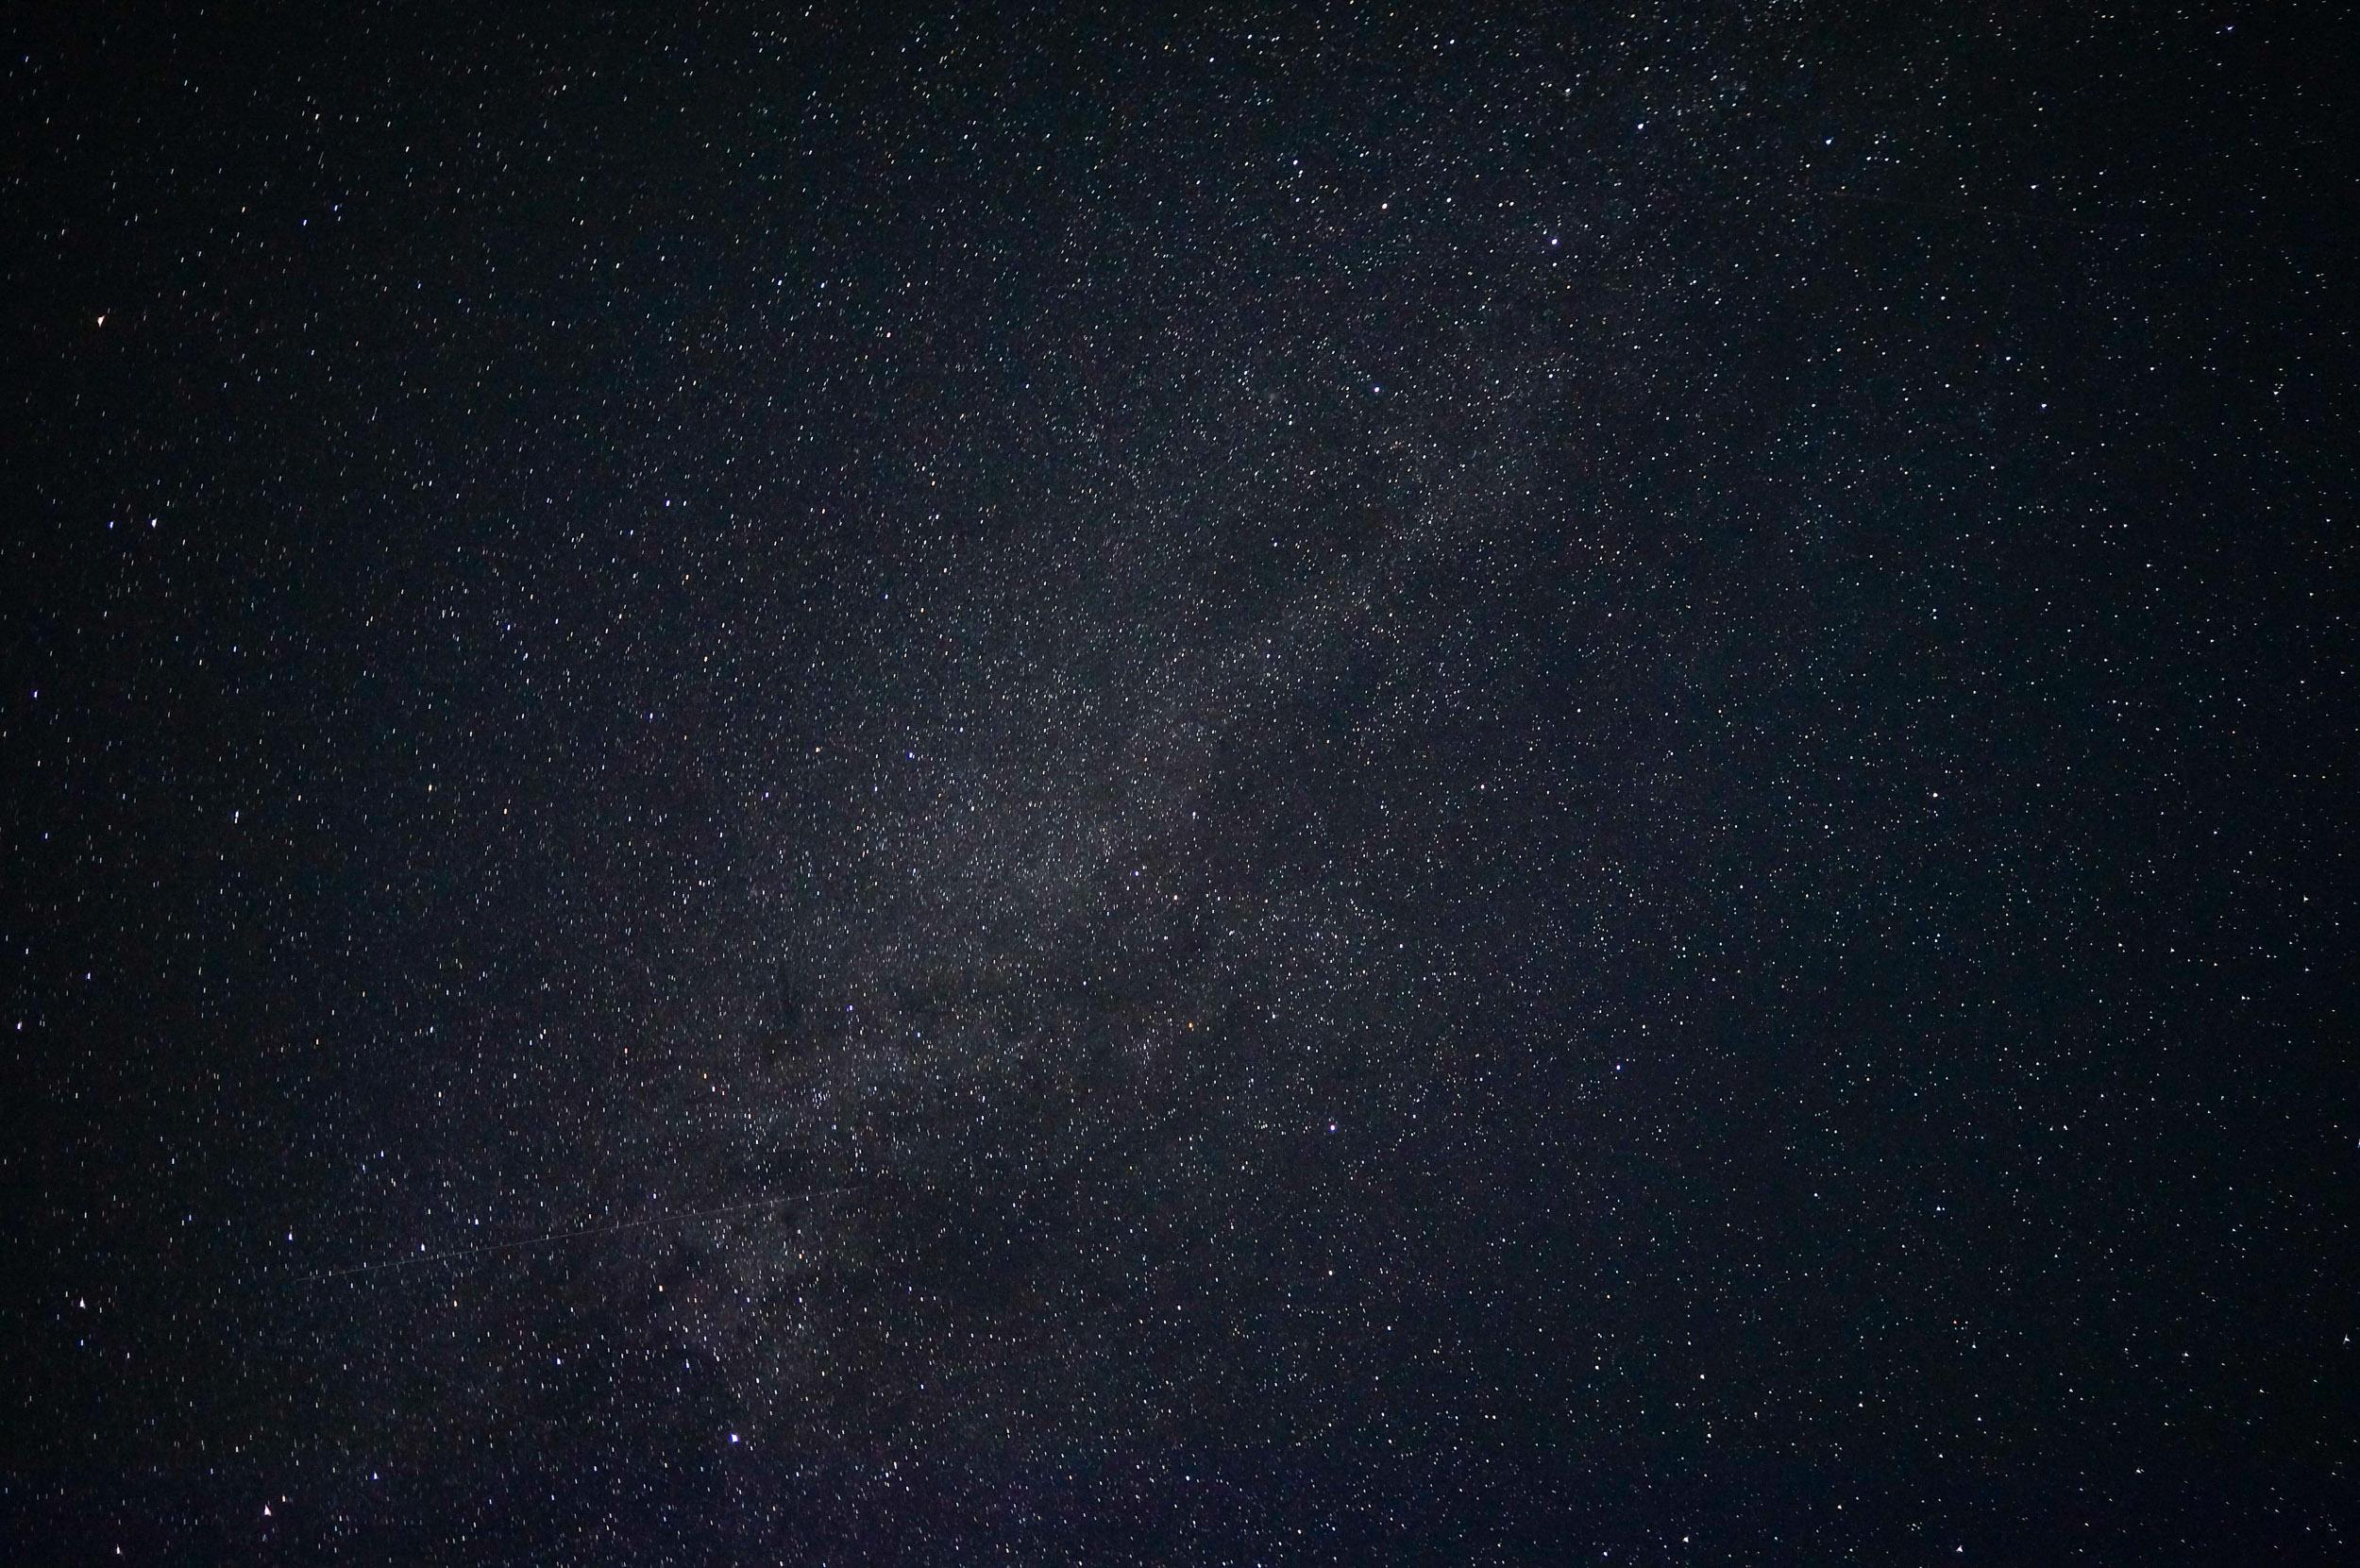 Piena ceļš un krītošas zvaigznes